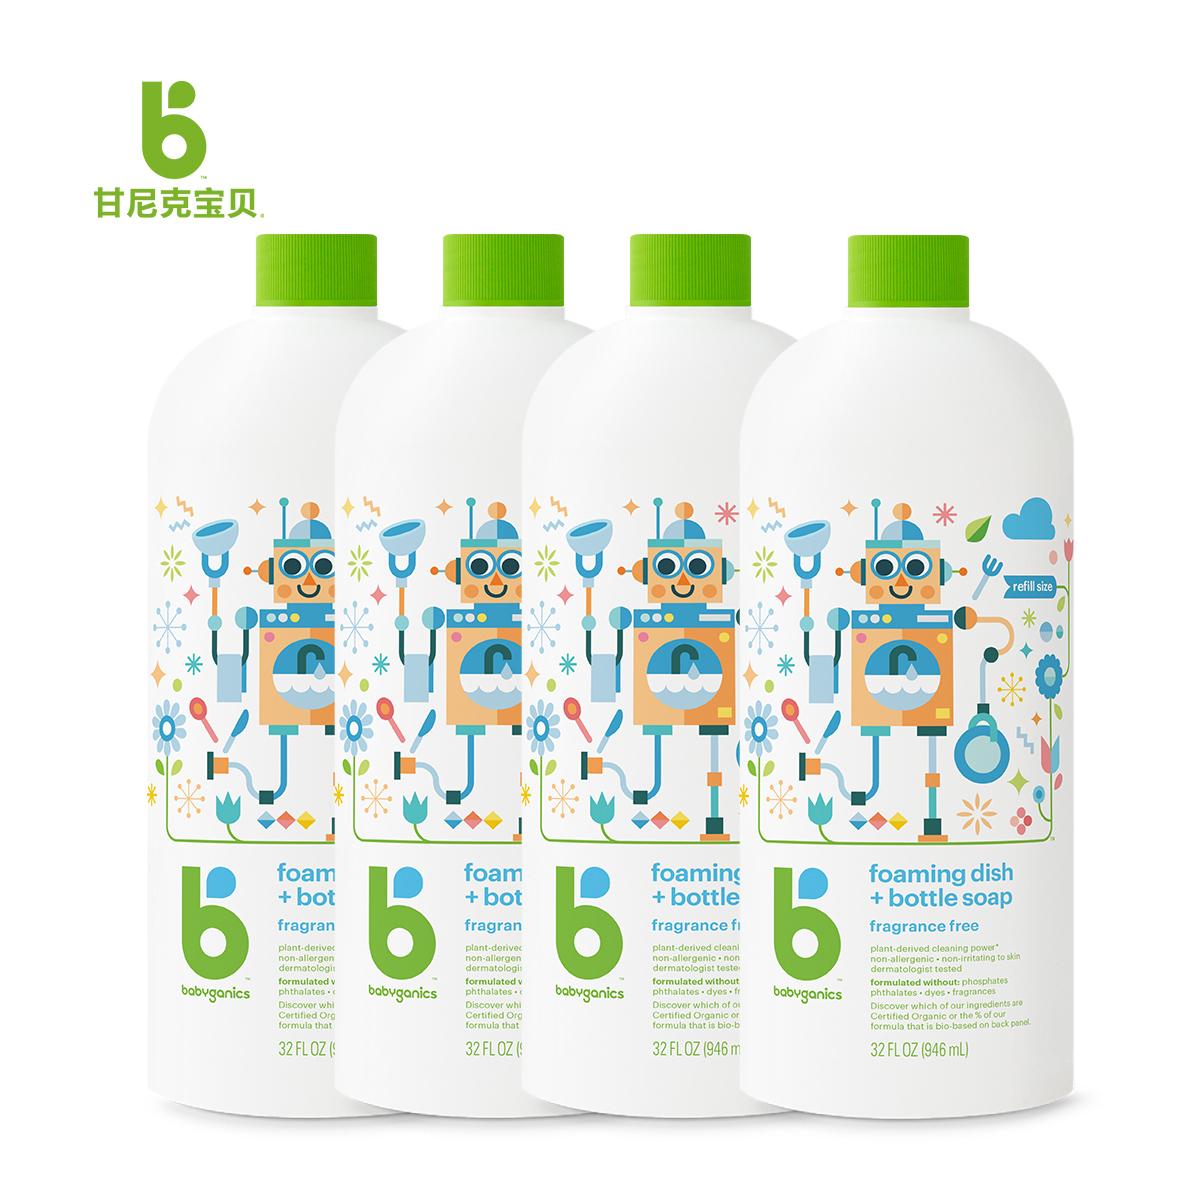 甘尼克宝贝 babyganics 奶瓶清洁剂餐具清洁液补充装946ml*4